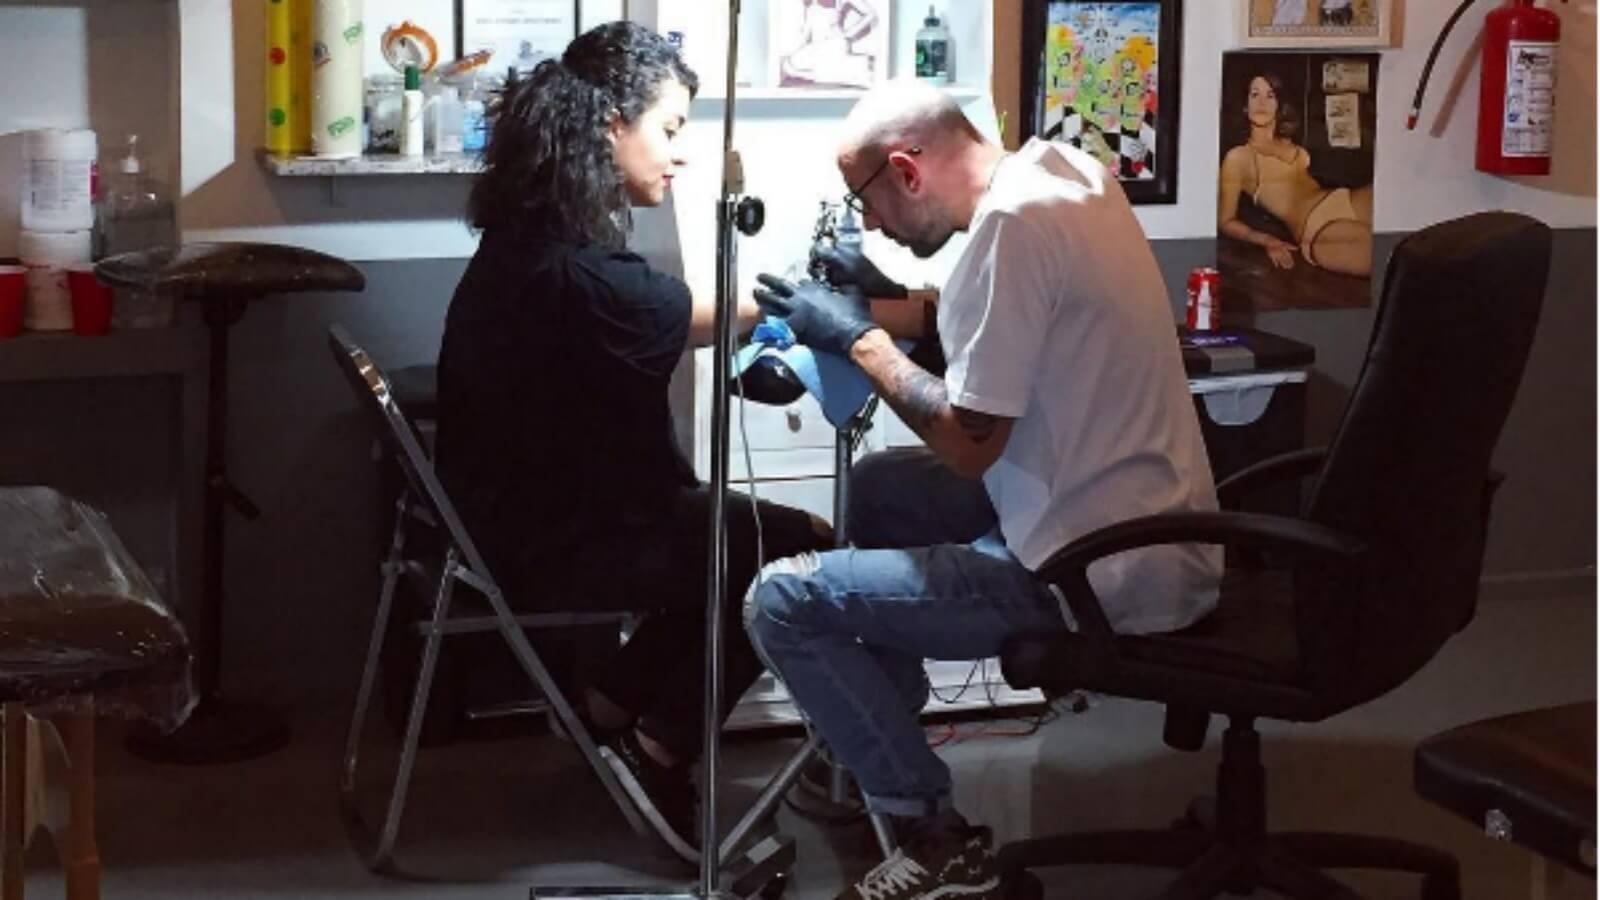 ¡Artistas y tatuadores del estudio de Bleu Noir en la CDMX! ✍